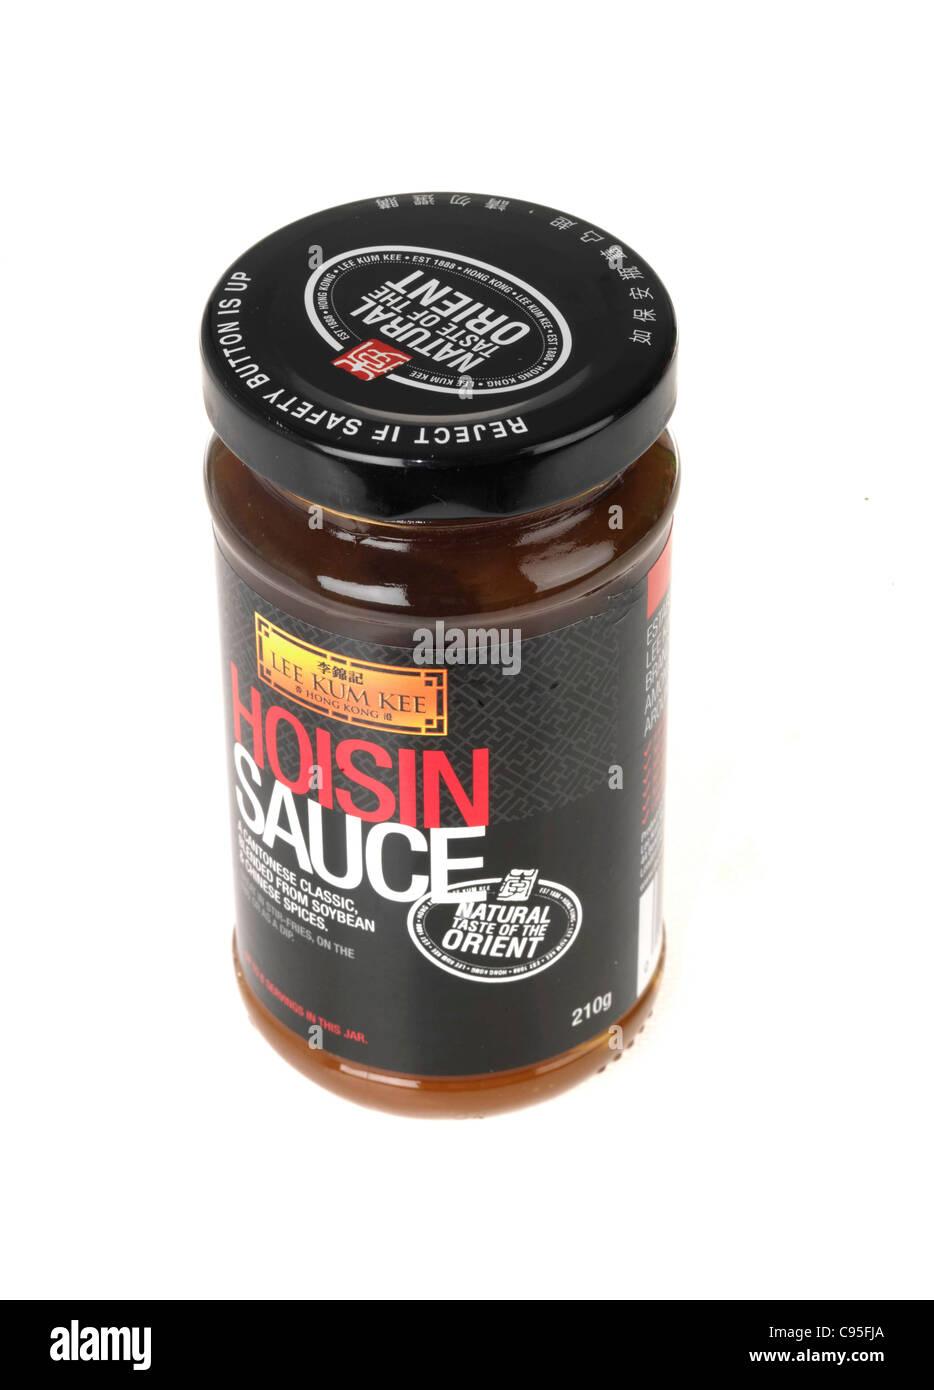 Hoisin Sauce - Stock Image